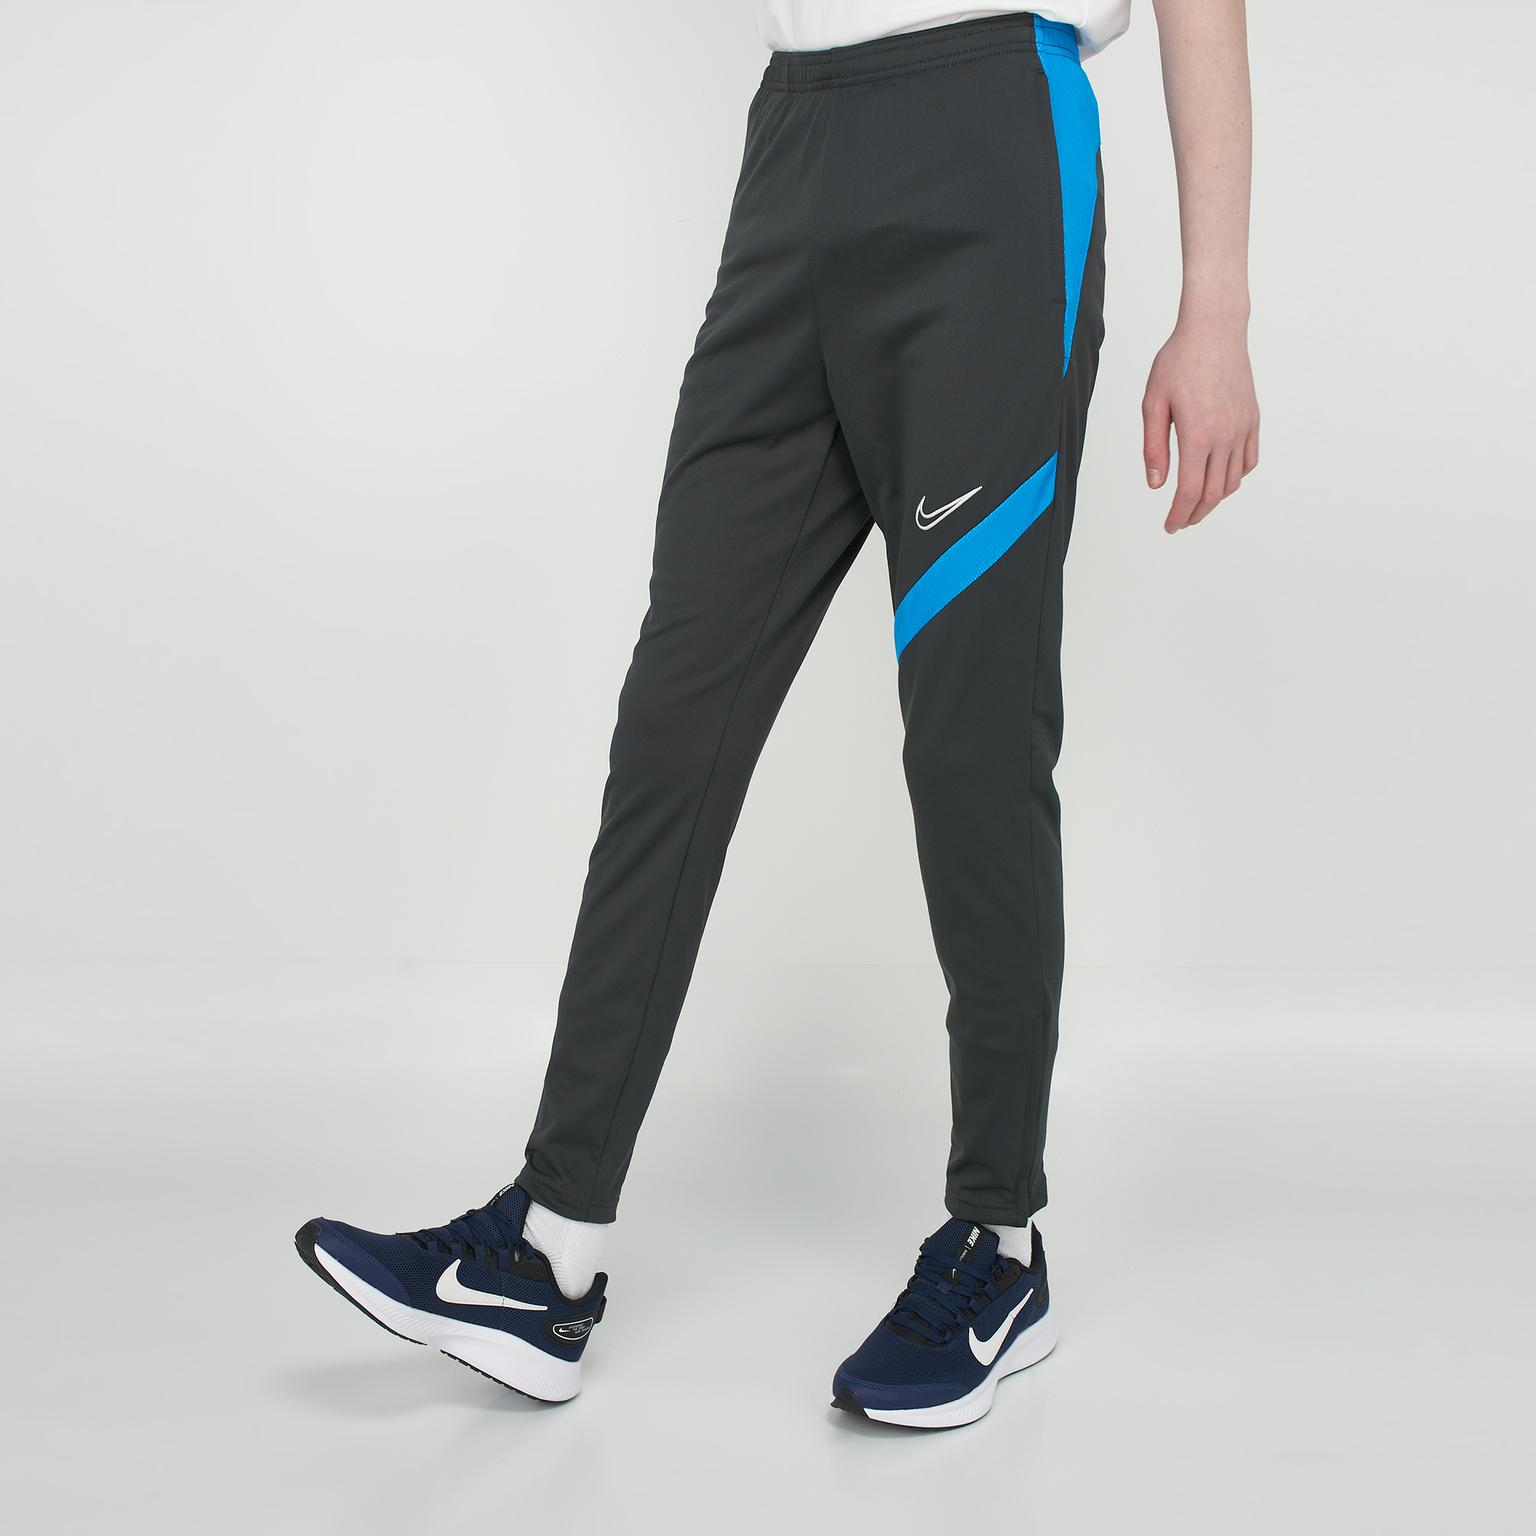 все цены на Брюки тренировочные подростковые Nike Dry Academy BV6944-069